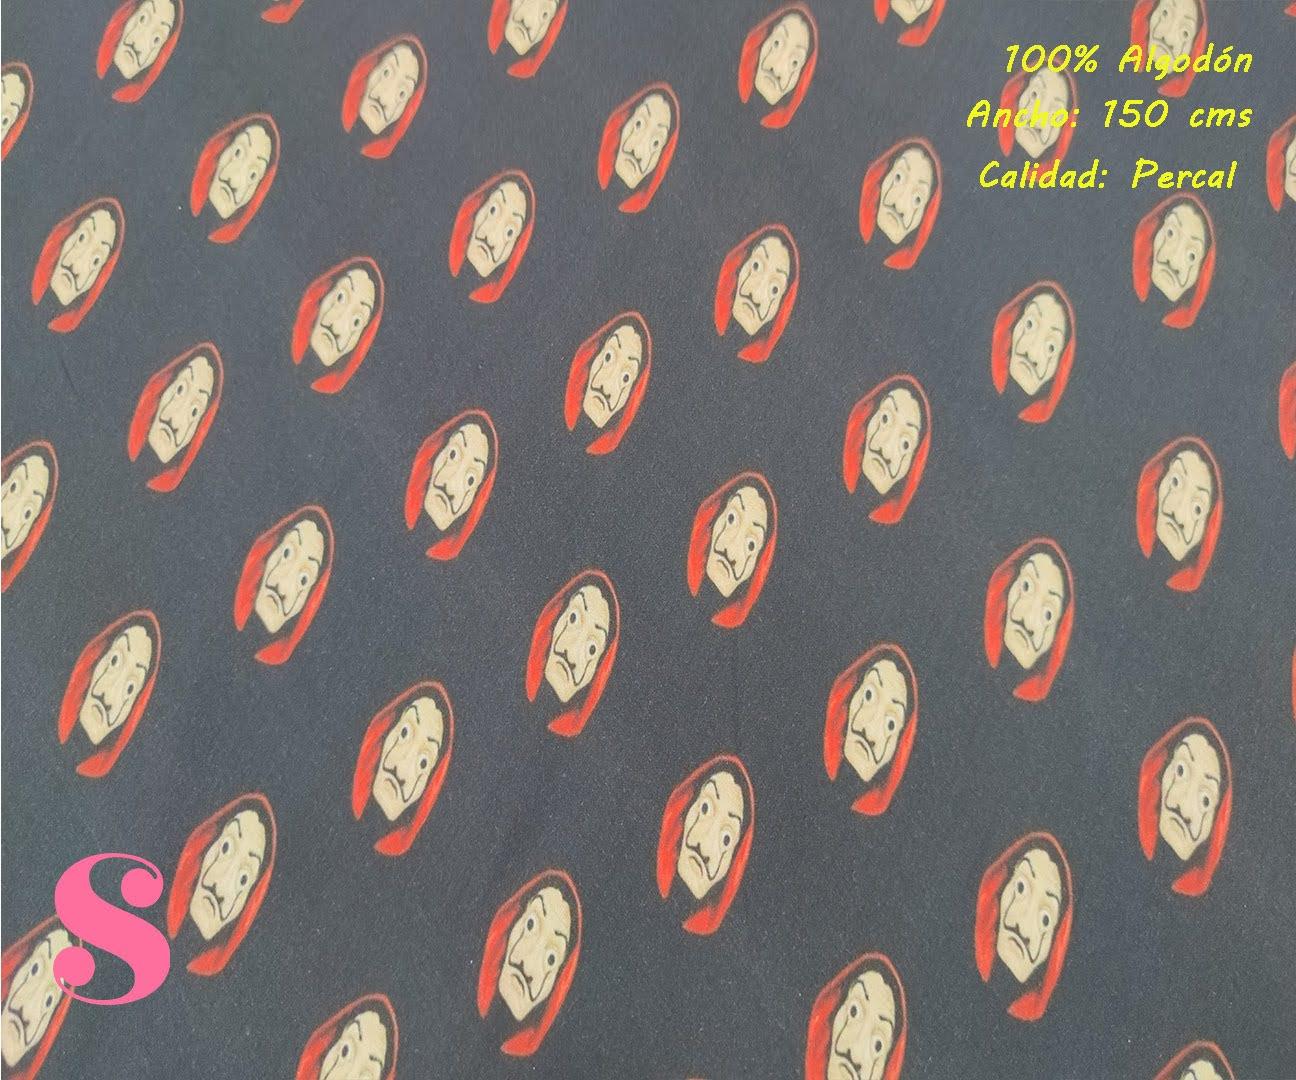 587-casa-de-papel-dali-tejidos-algodón-estampado-percal,Tejido Estampado Casa de Papel